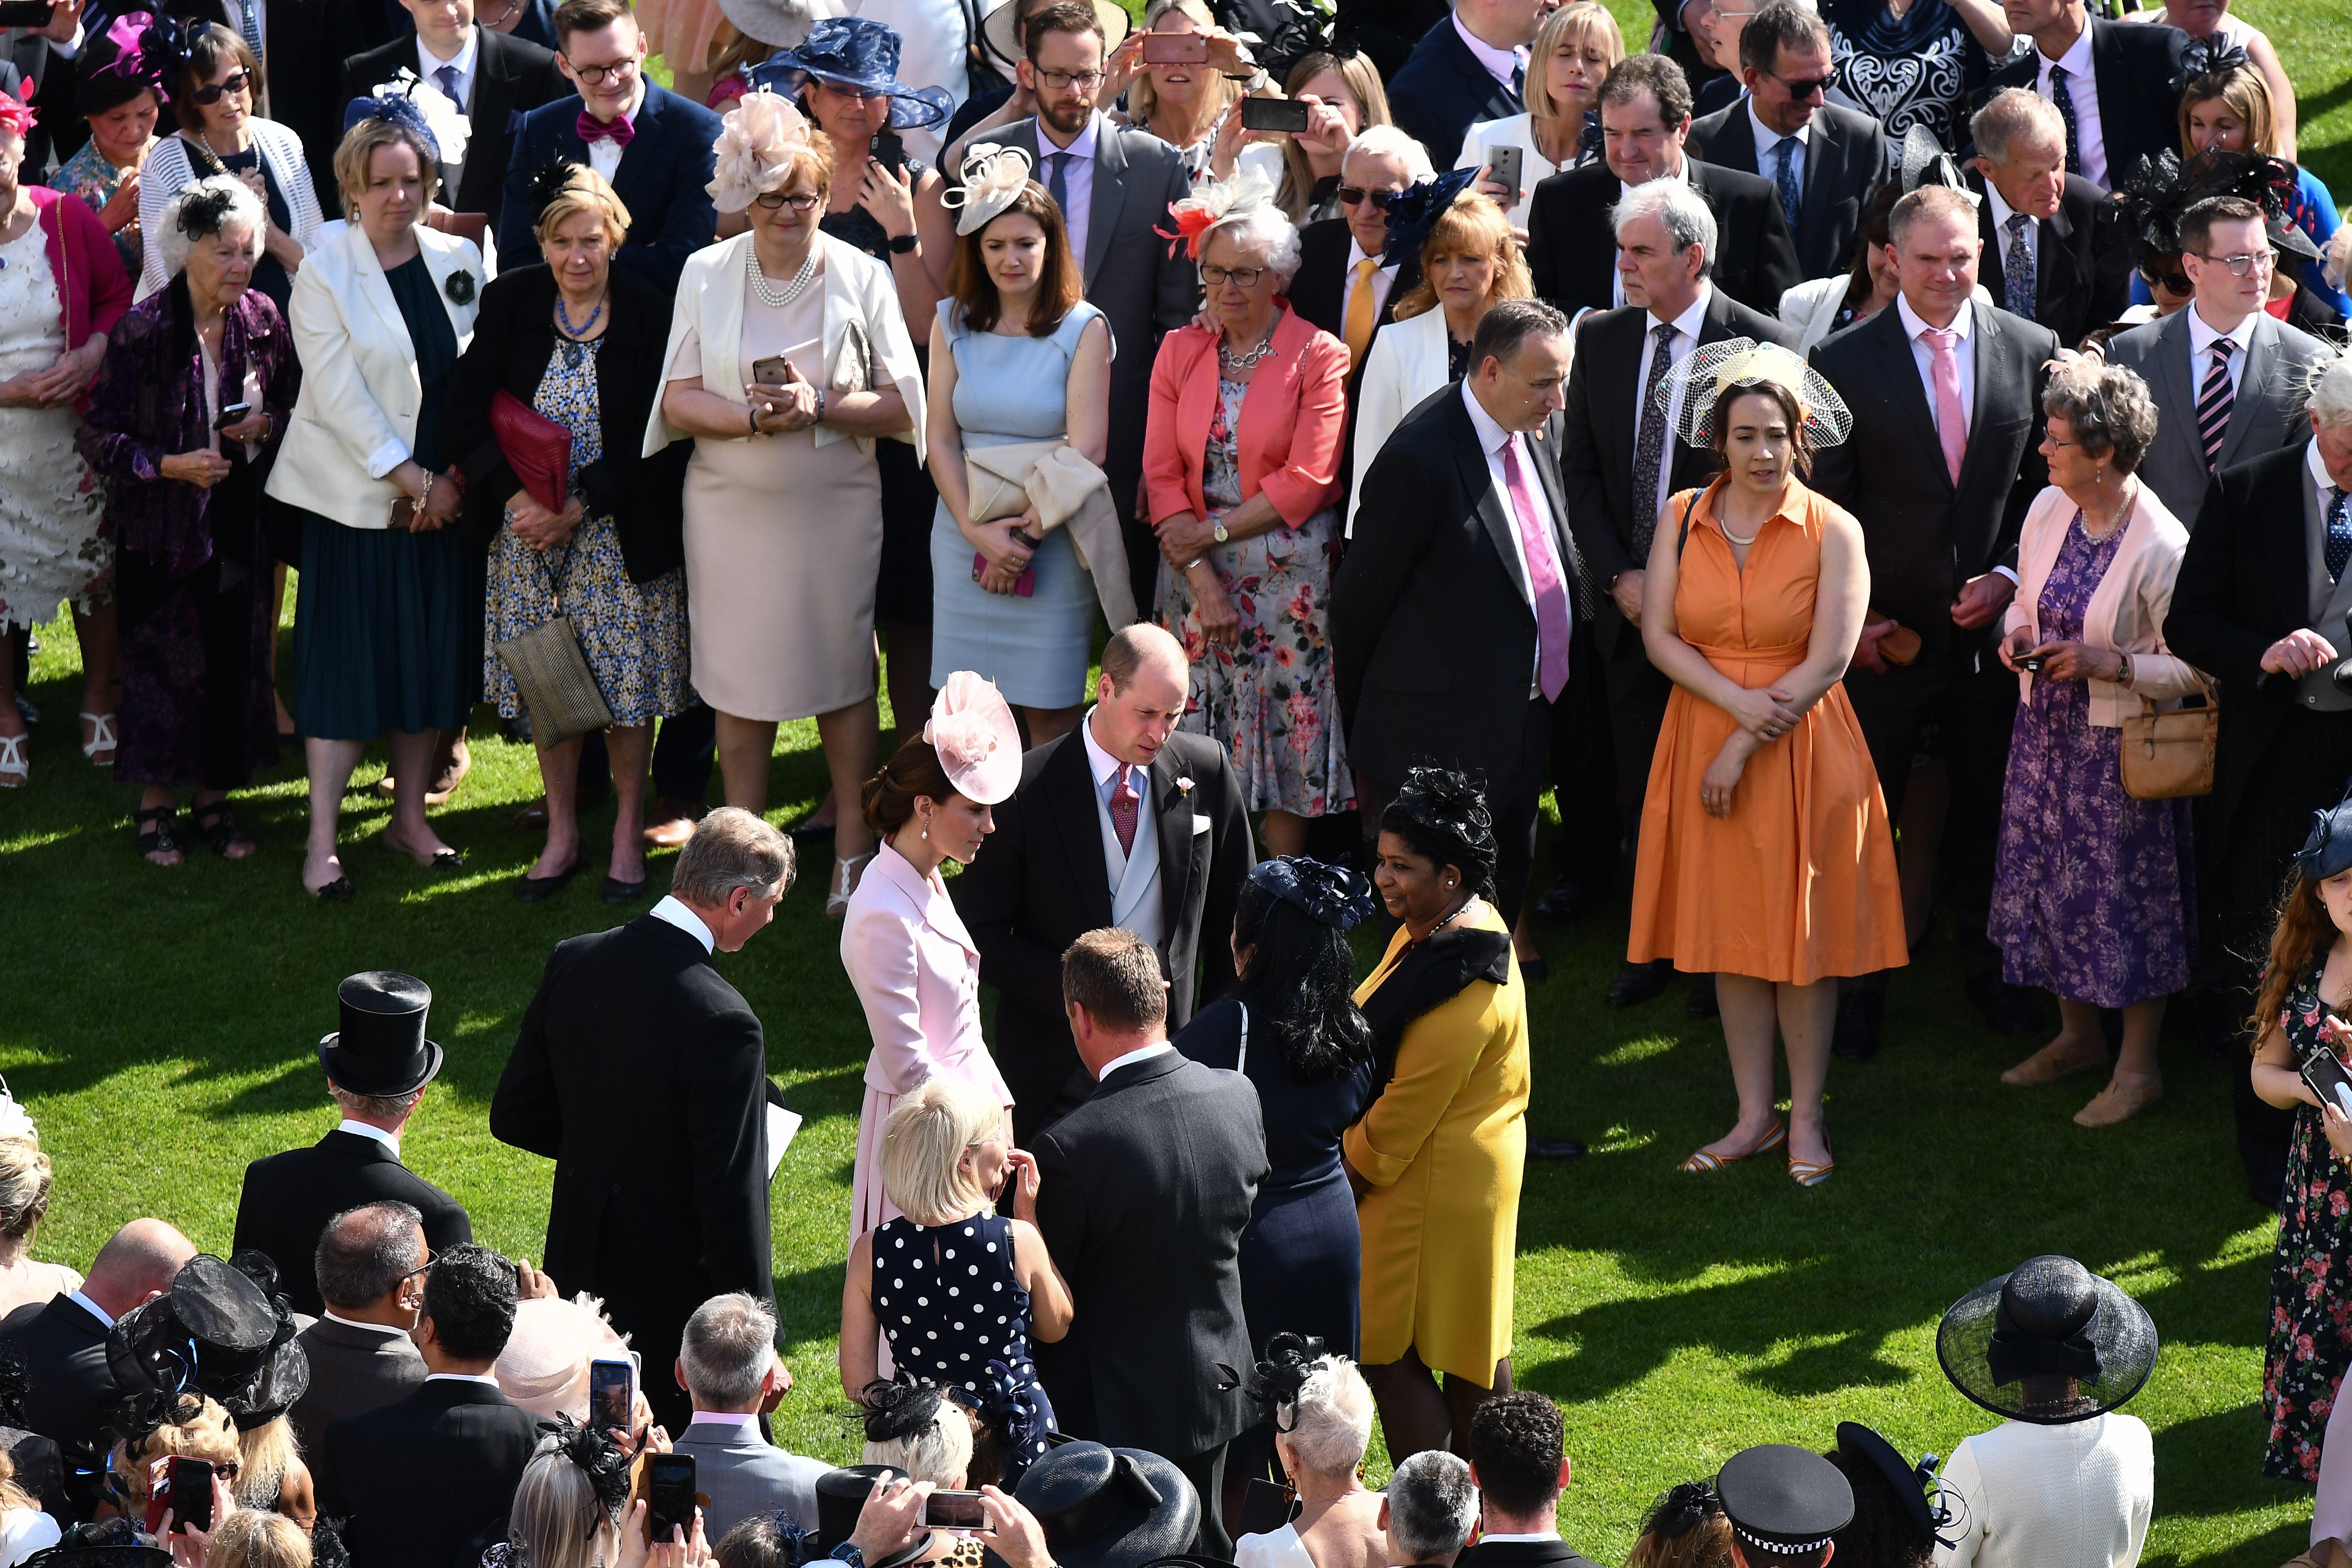 英国王室举办花园聚会 伊丽莎白女王蓝衣花帽神采飞扬